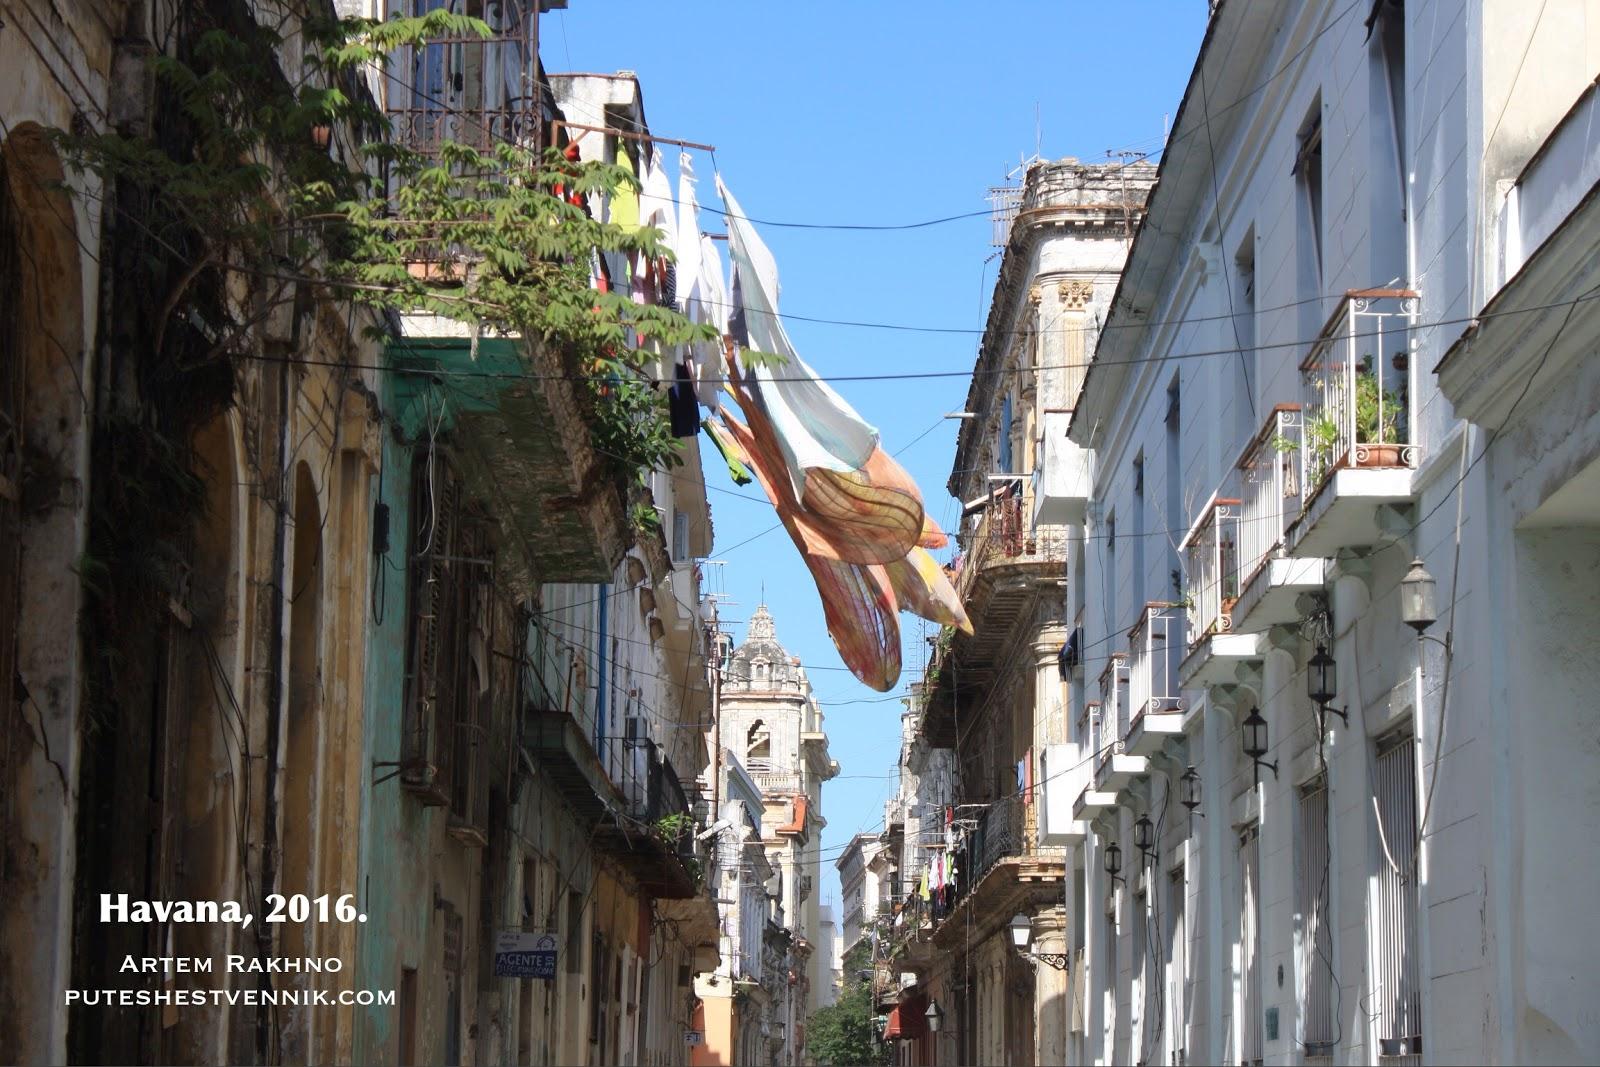 Белье на балконе в Гаване